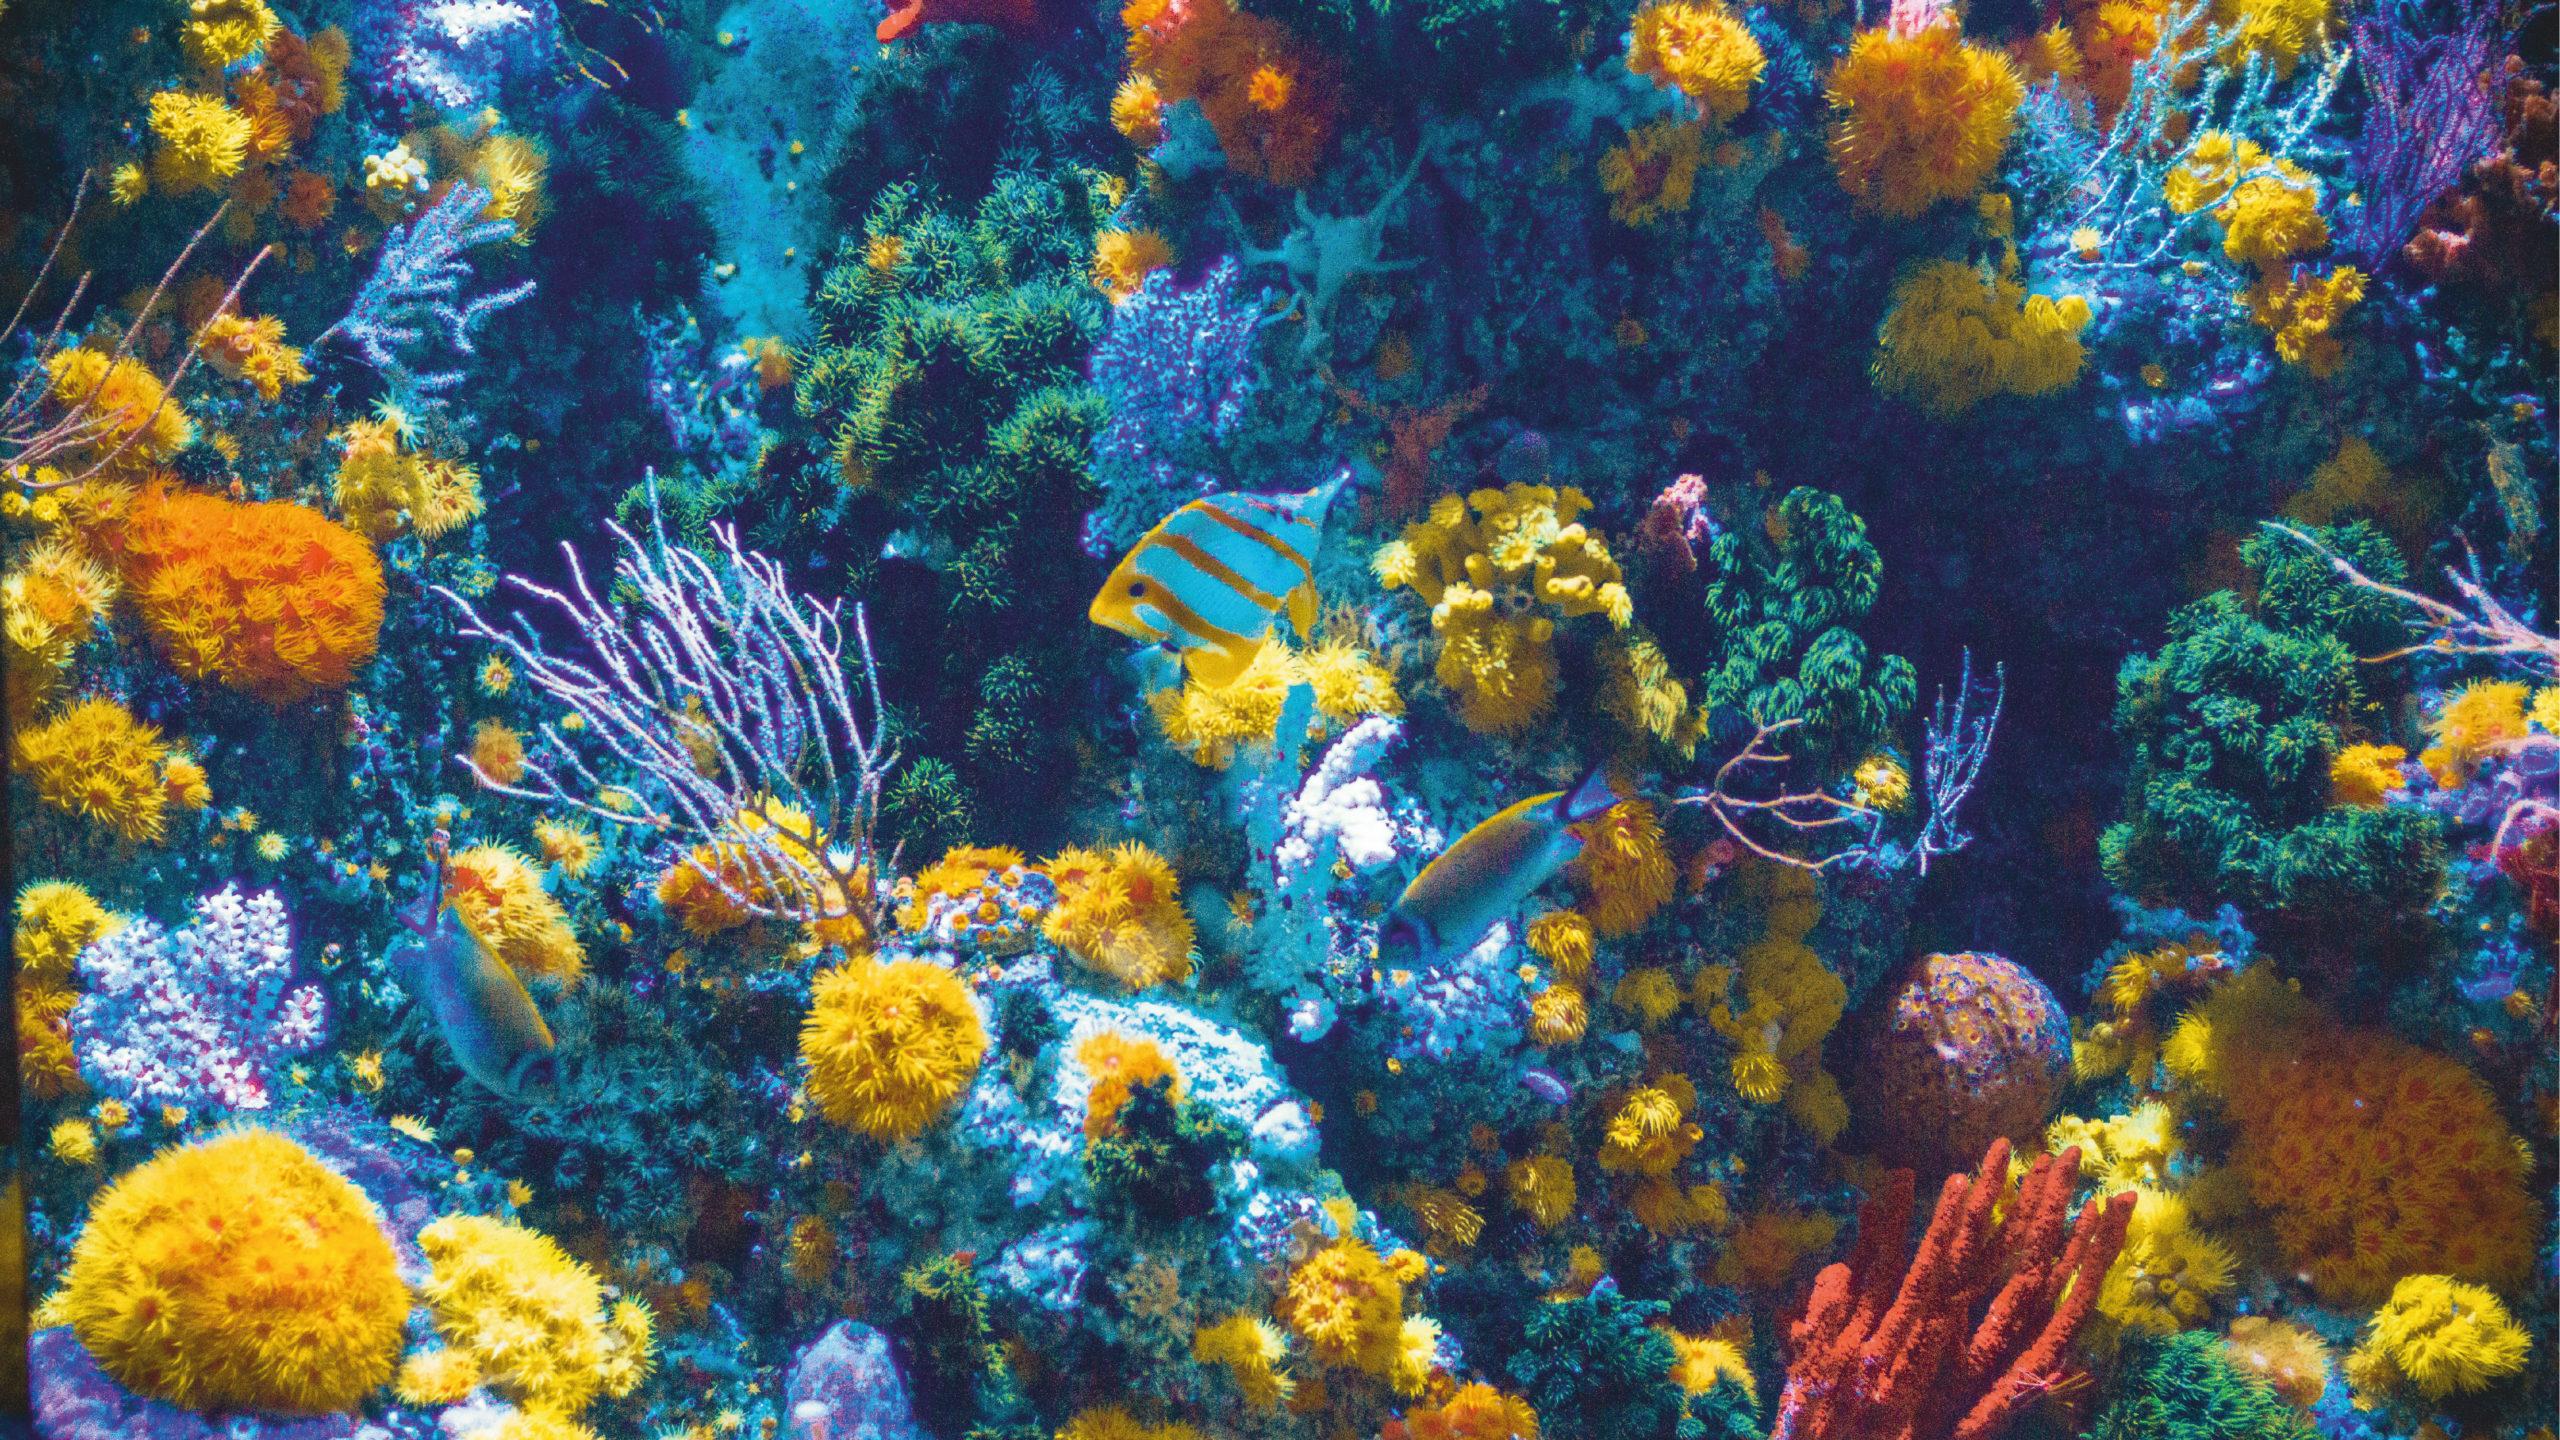 Piden a ONU más protección a la biodiversidad en aguas internacionales